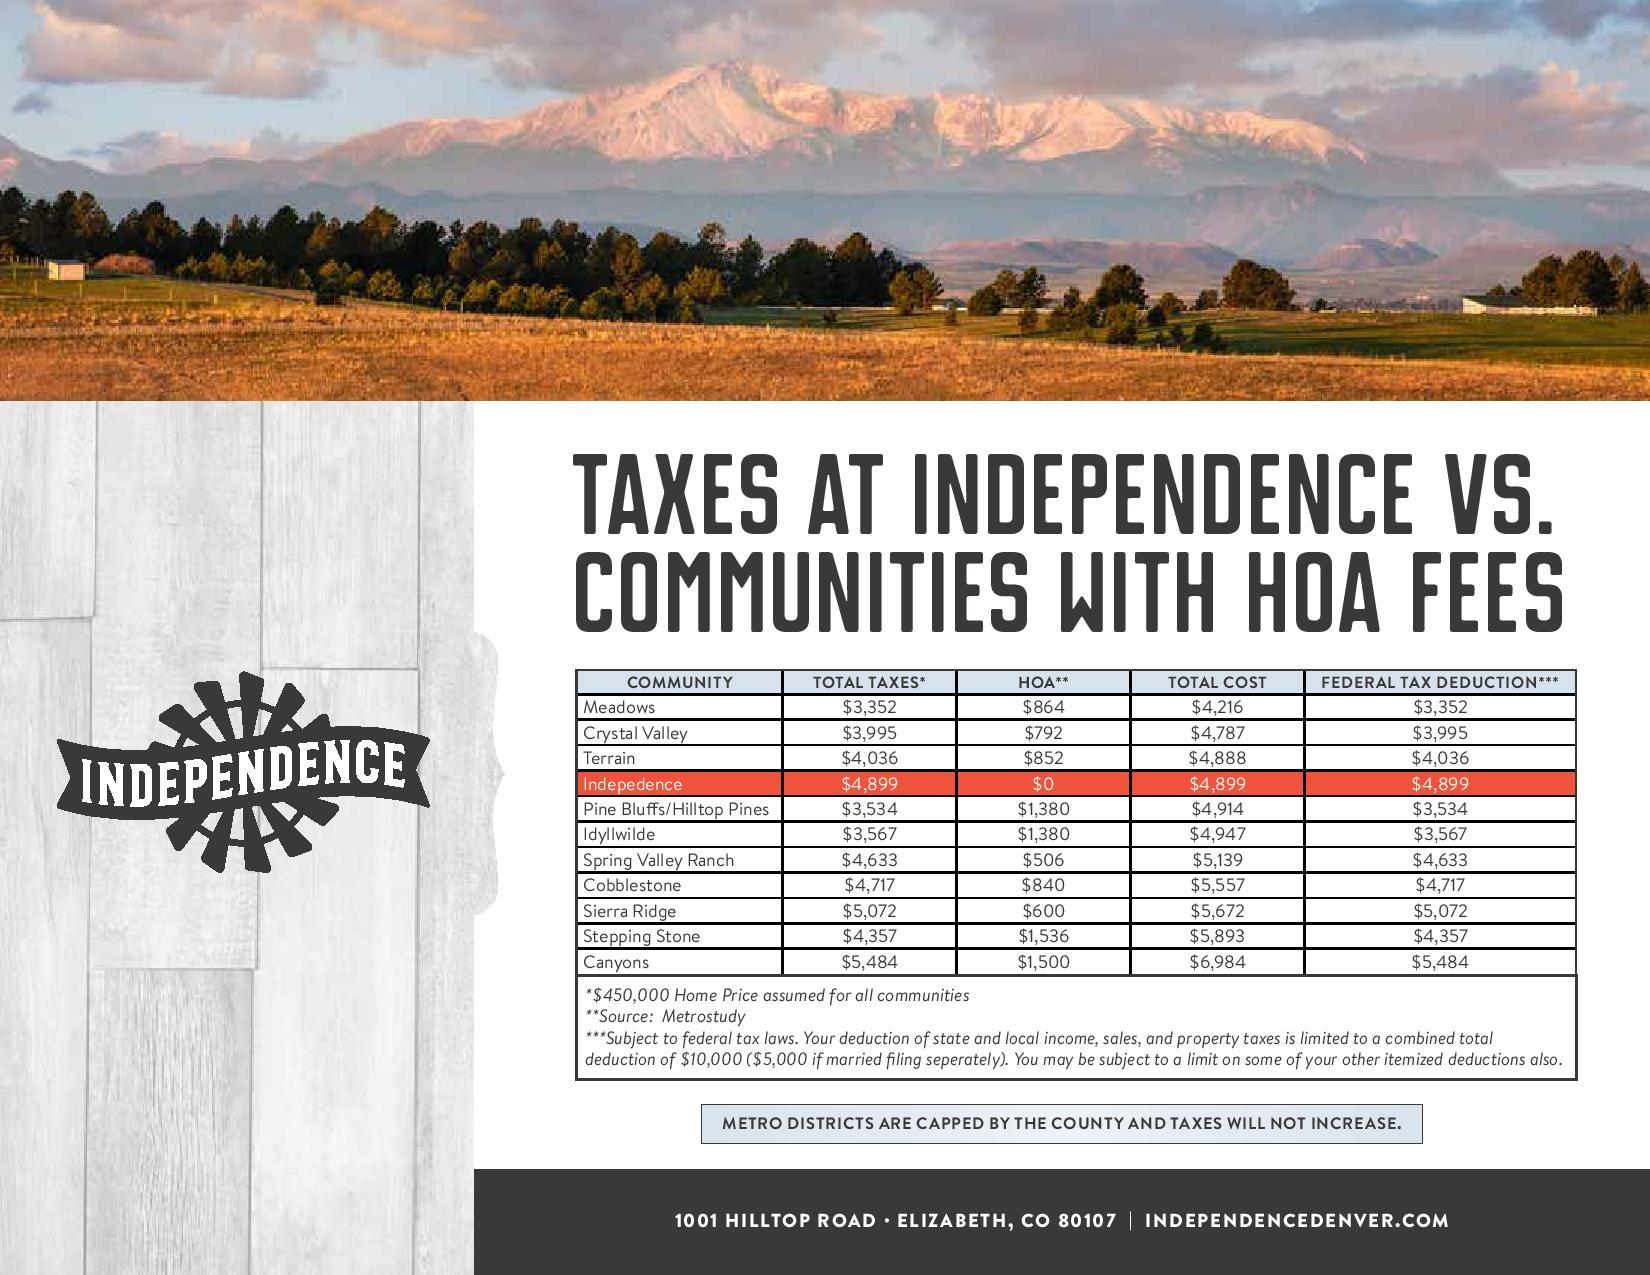 Independence Community Photo